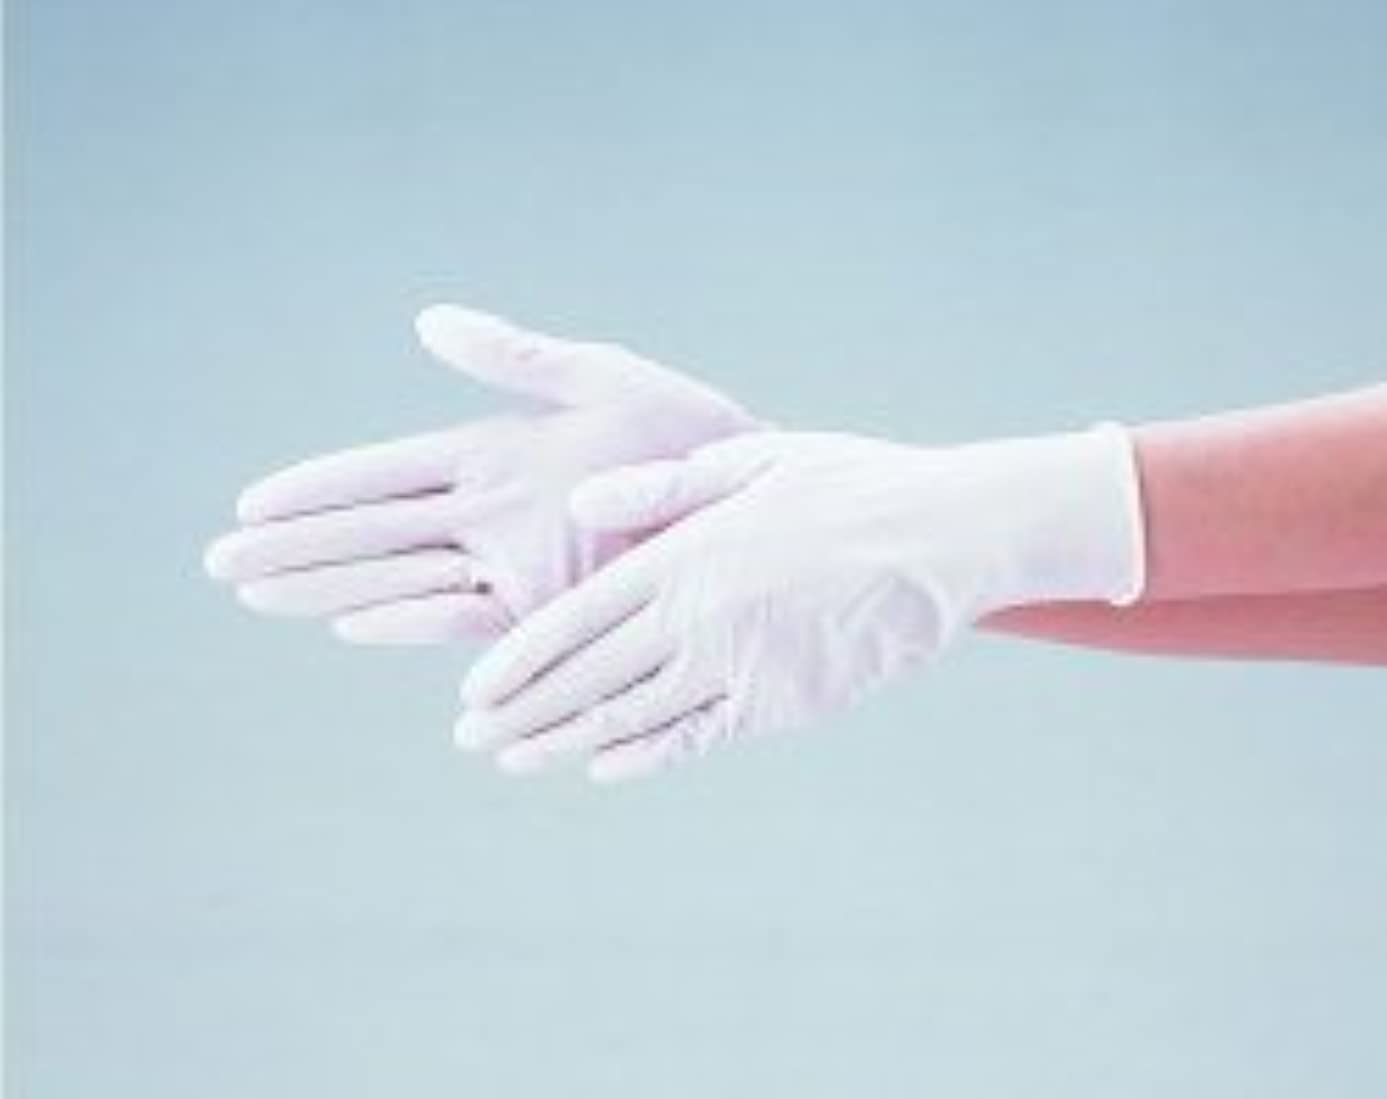 筋世界の窓幻滅するエブノ ニトリル手袋 No.525 M 白 (100枚入×20箱) ディスポニトリル パウダーフリー ホワイト